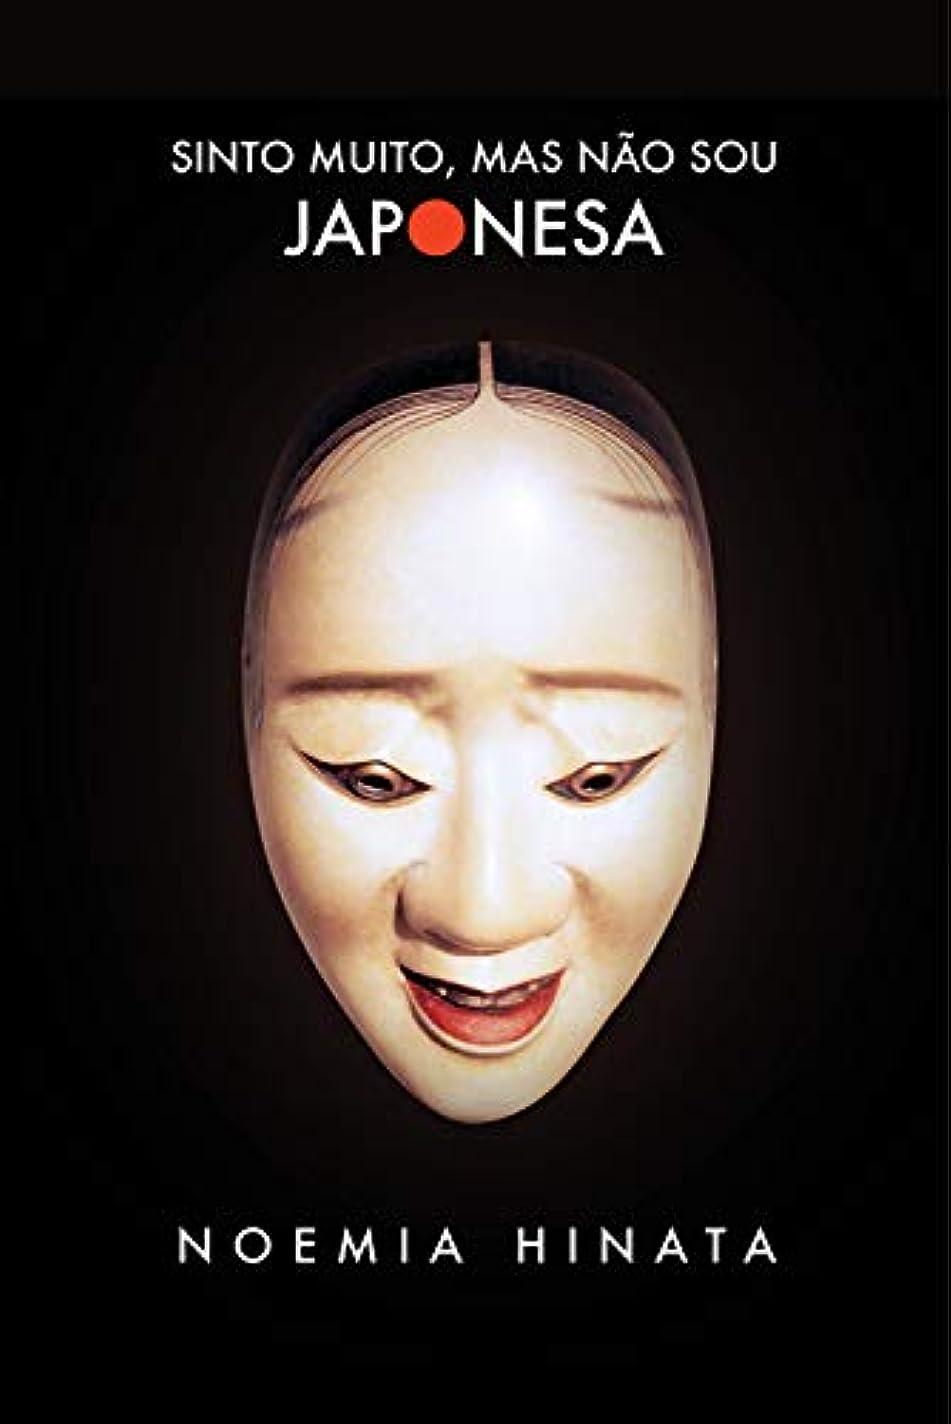 まつげ海岸打ち上げるSinto muito, mas não sou japonesa (Portuguese Edition)